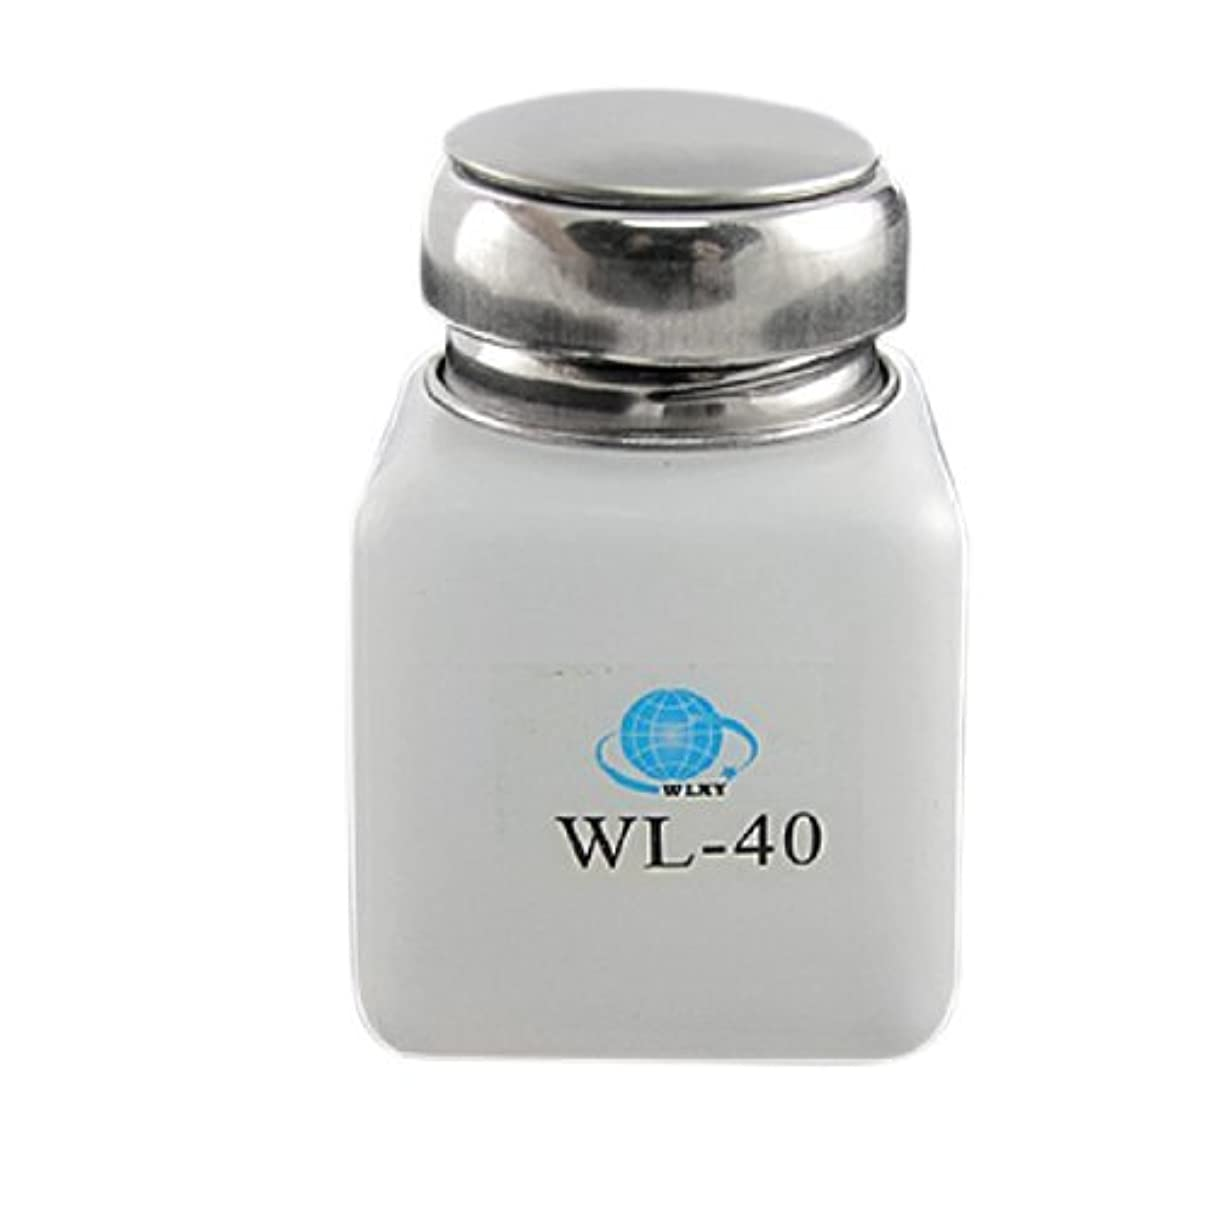 ギャップ腰国民DealMux白100ML容量逆流防止アルコールボトル容器